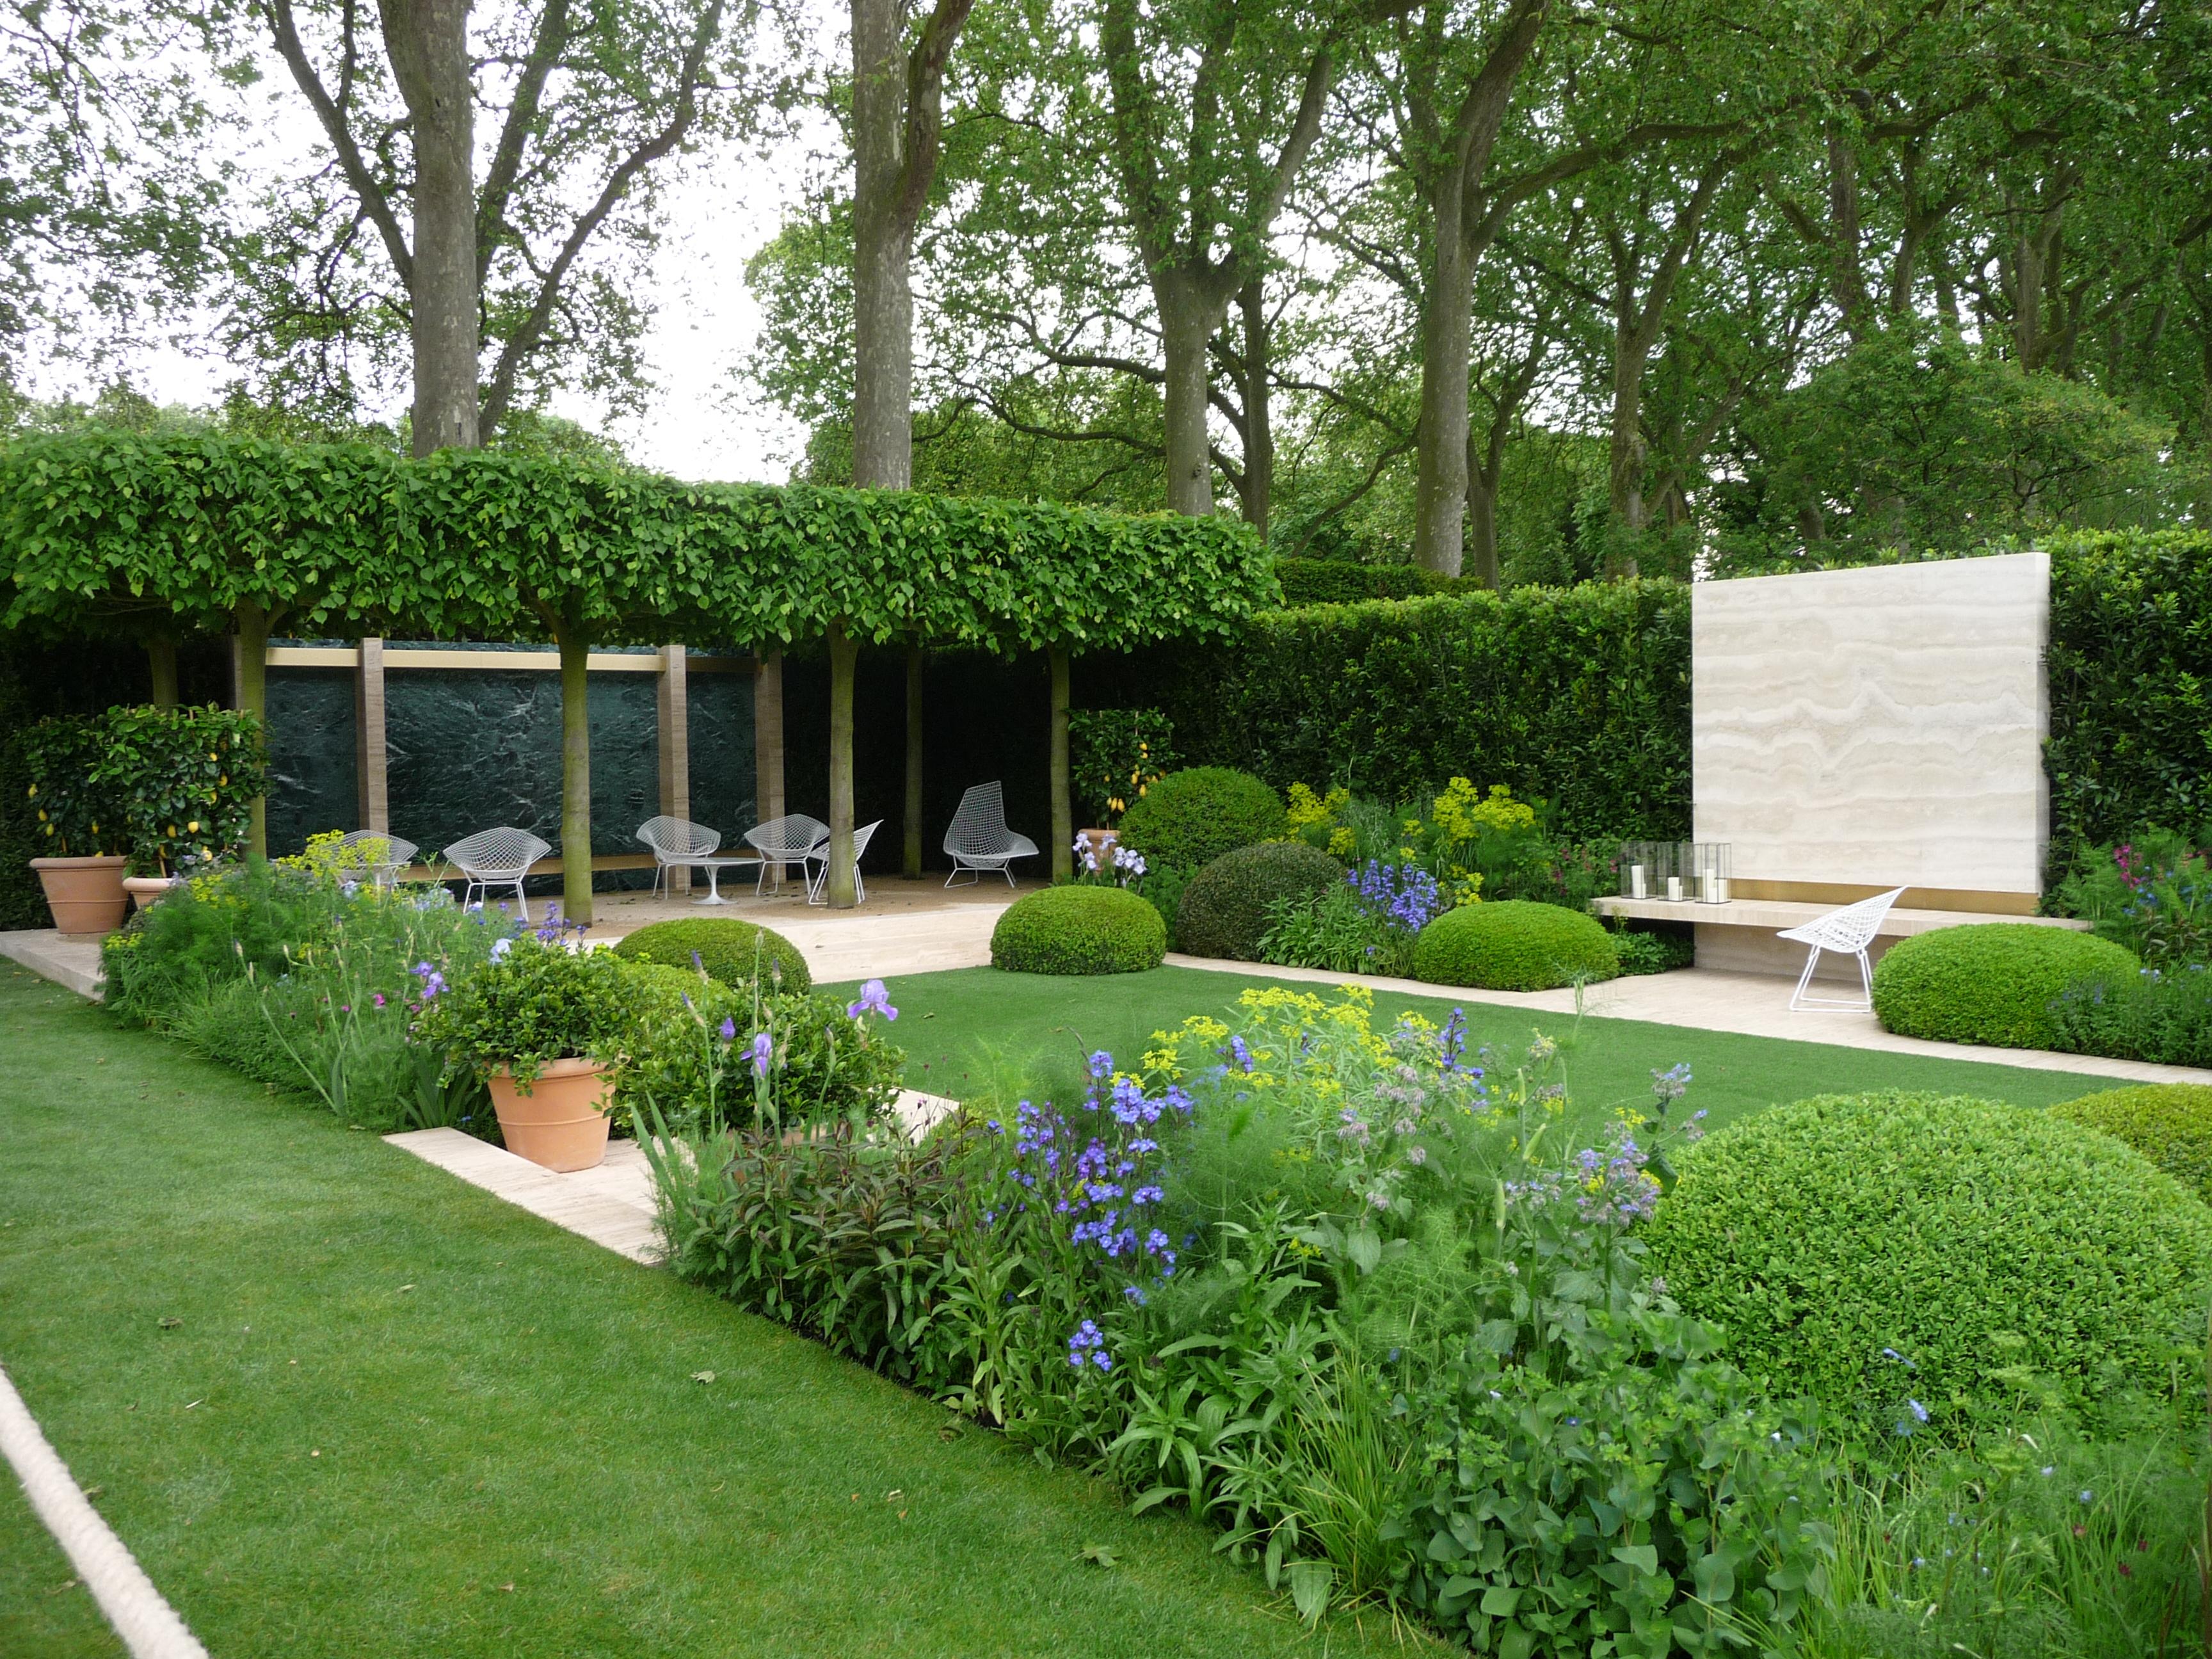 The Laurent-Perrier Garden | Garden Envy Ltd